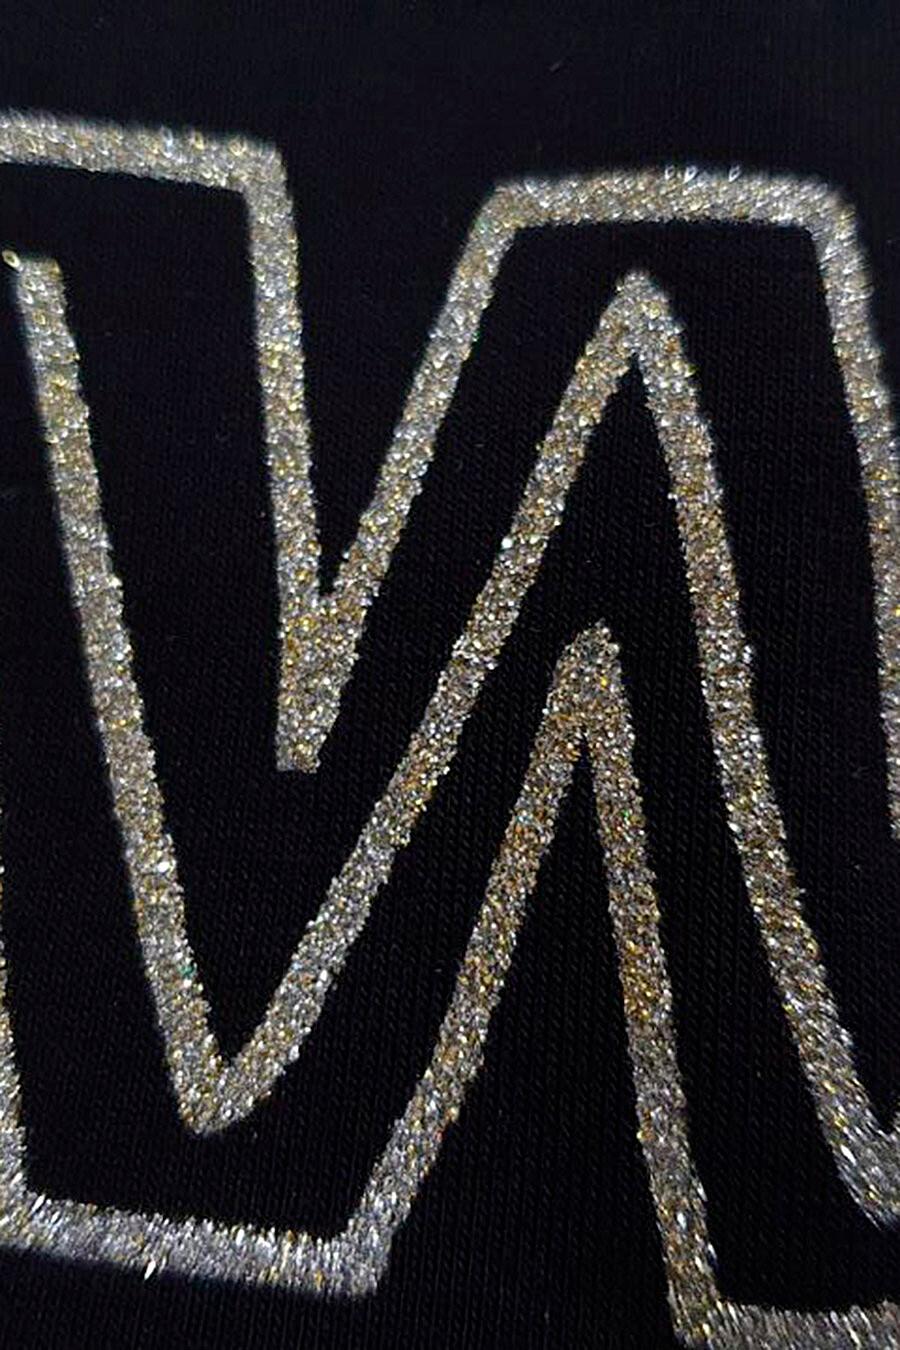 Футболка для женщин VILATTE 707556 купить оптом от производителя. Совместная покупка женской одежды в OptMoyo